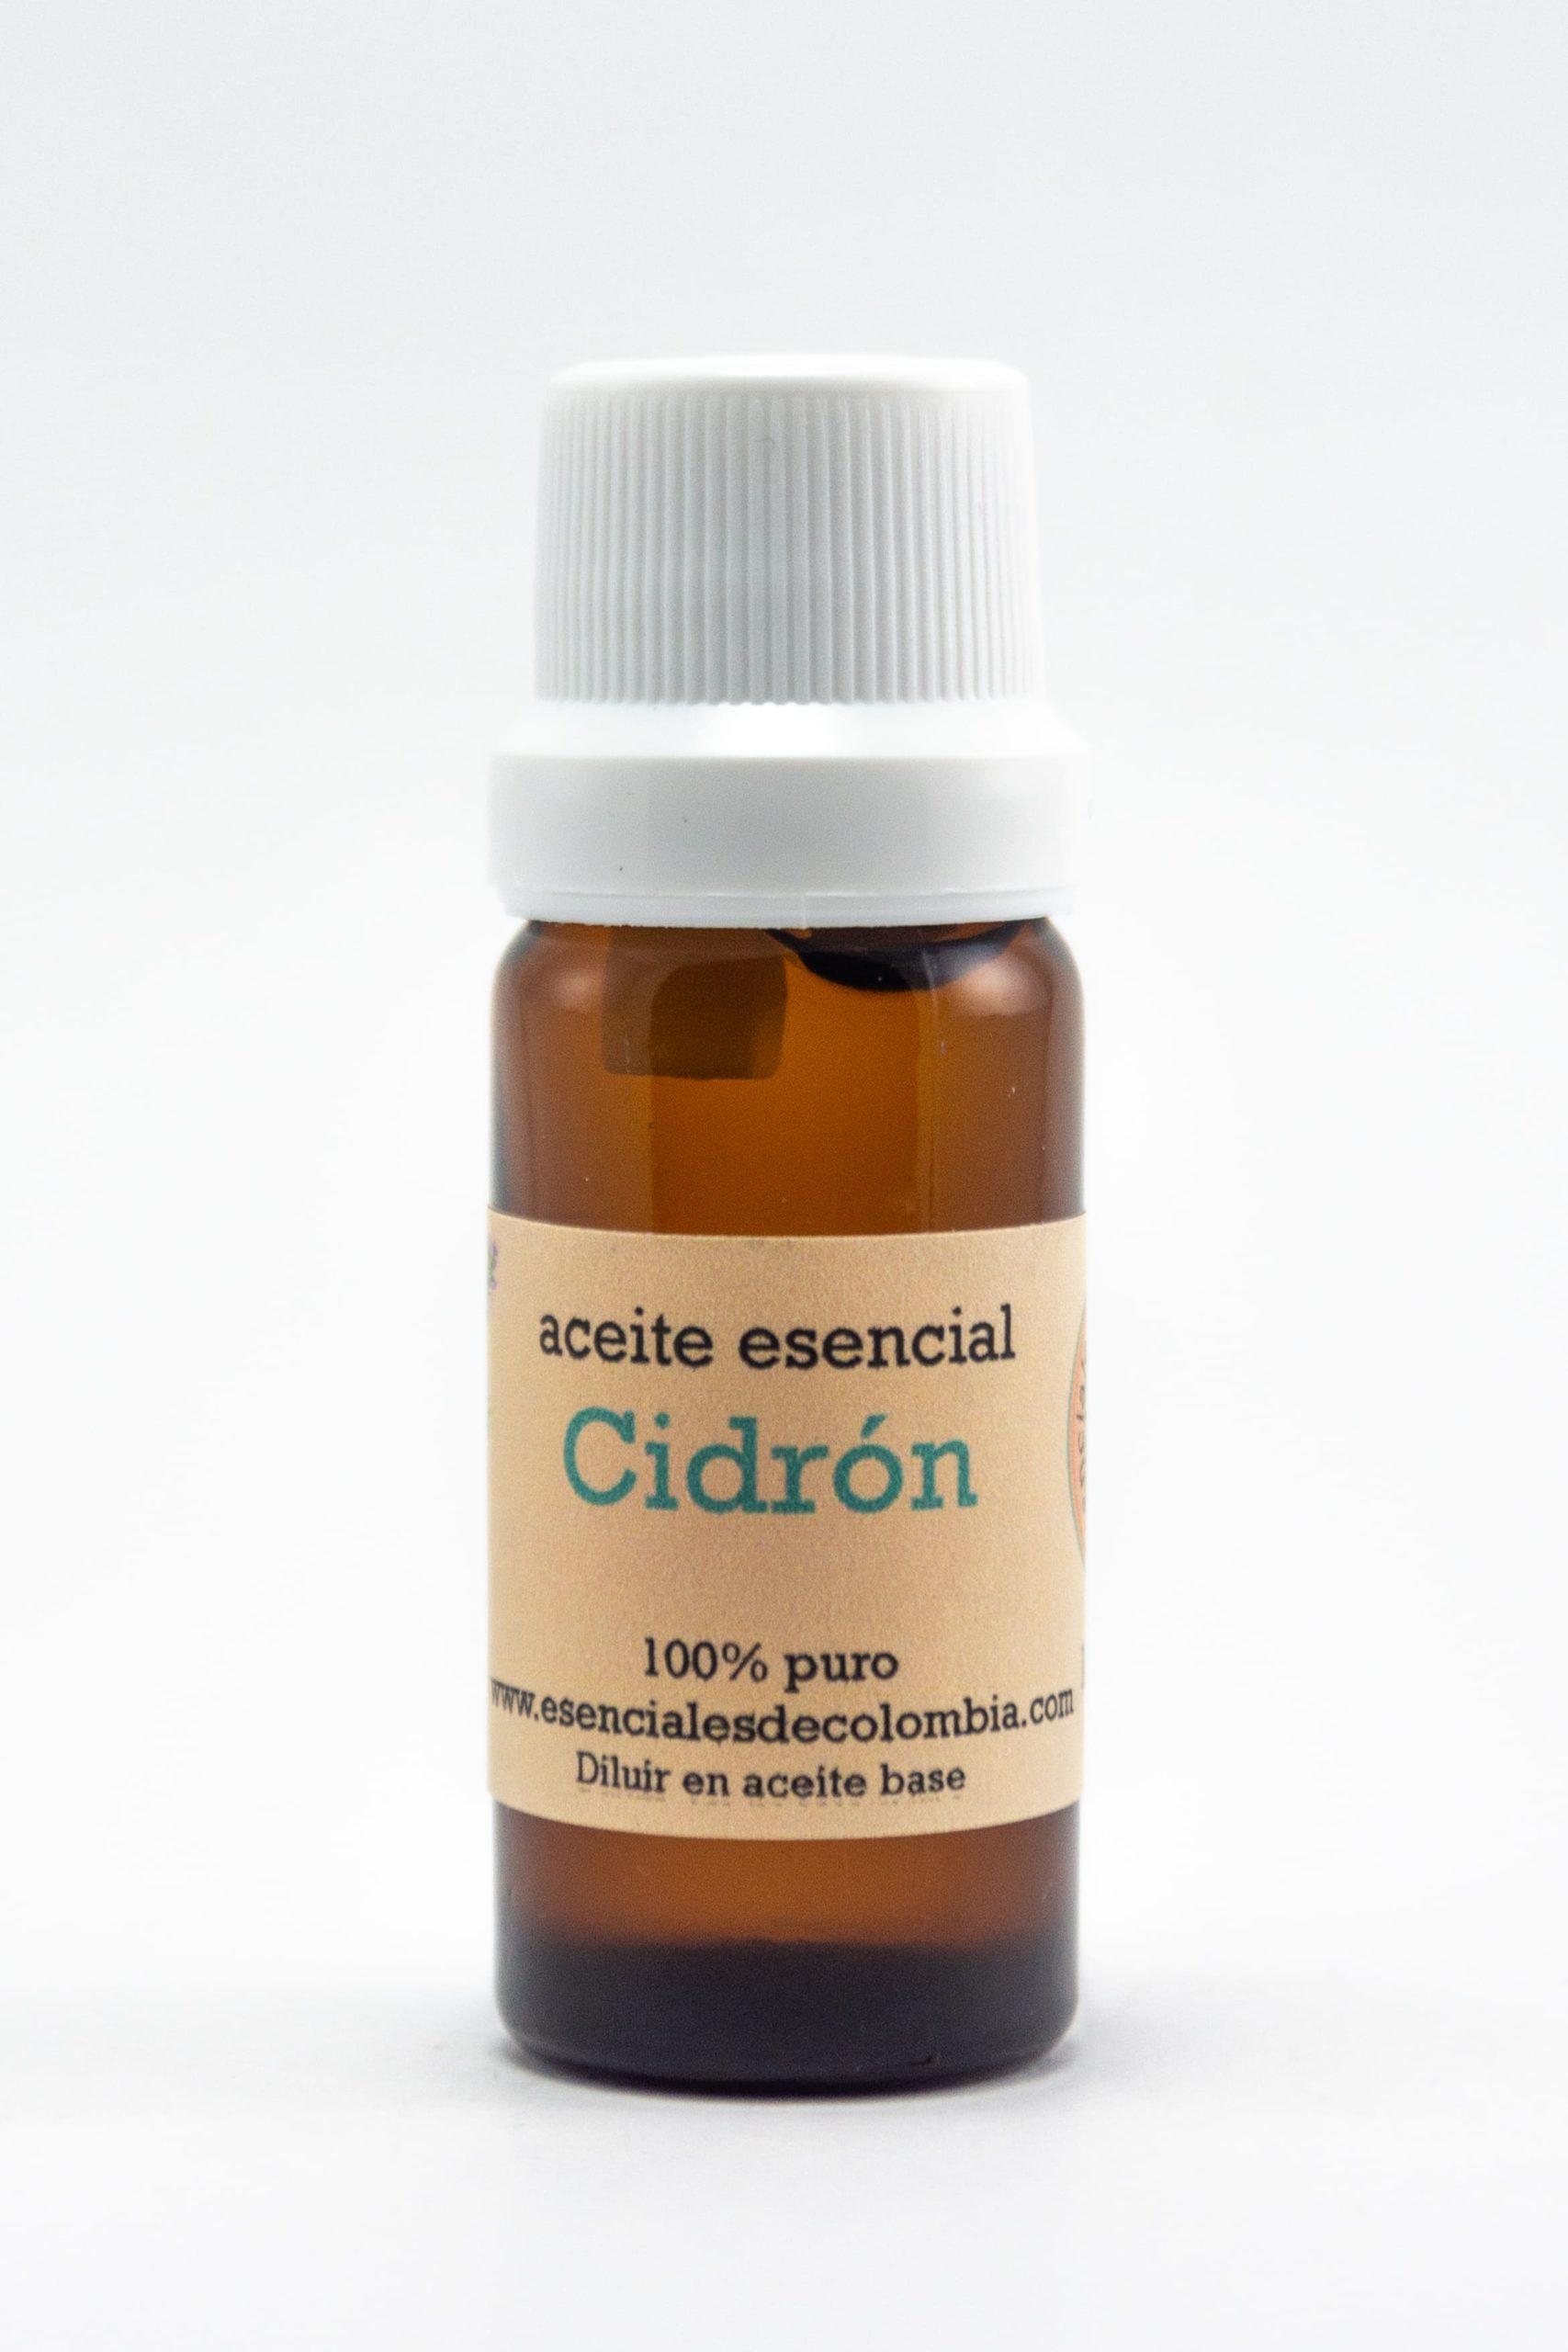 Cidrón Aceite Esencial 10ml